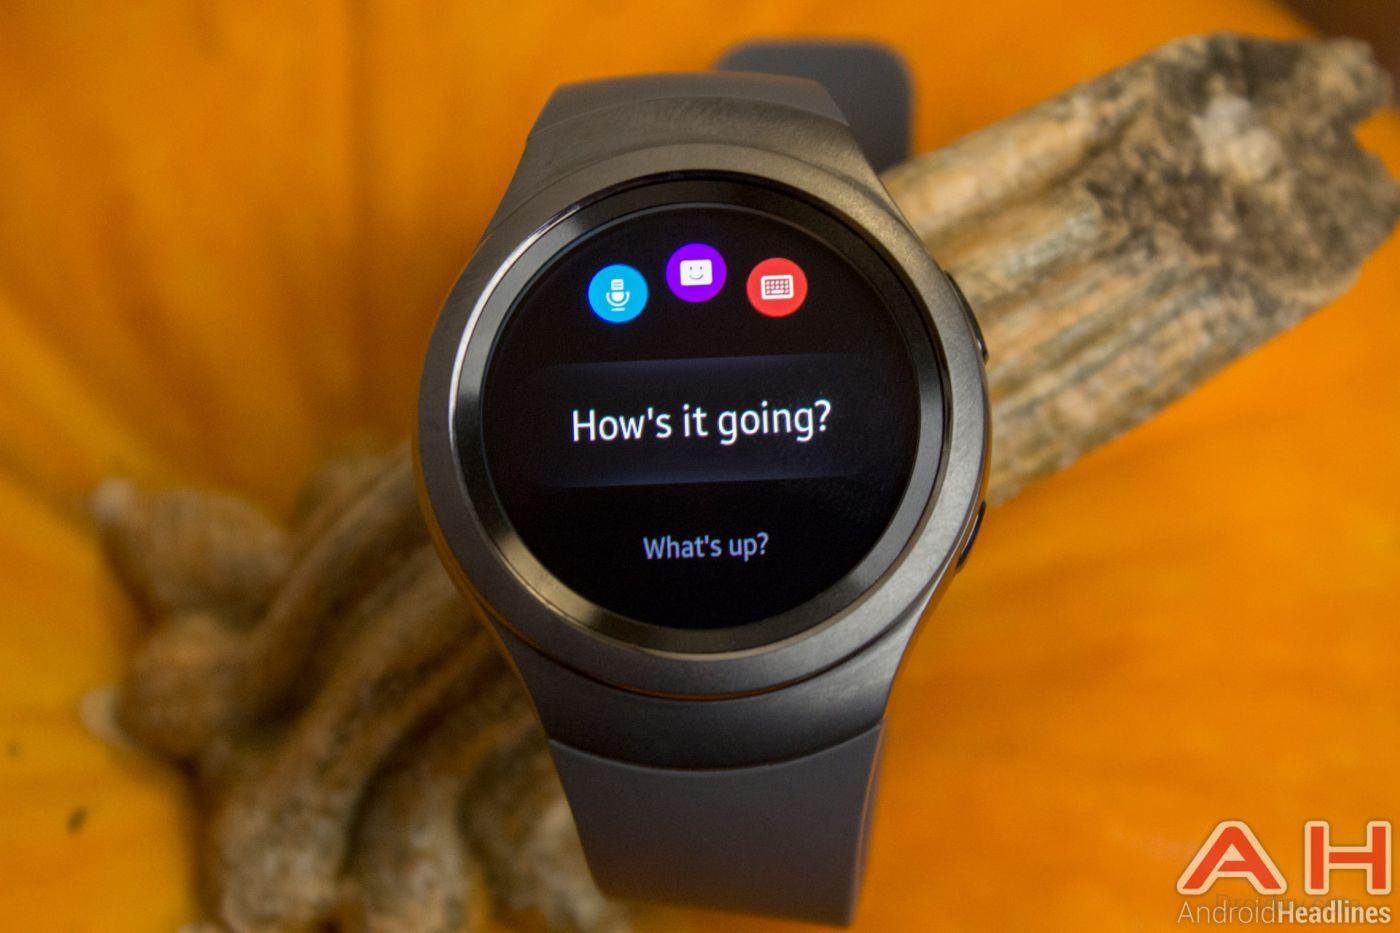 Samsung-Gear-S2-AH-message-1